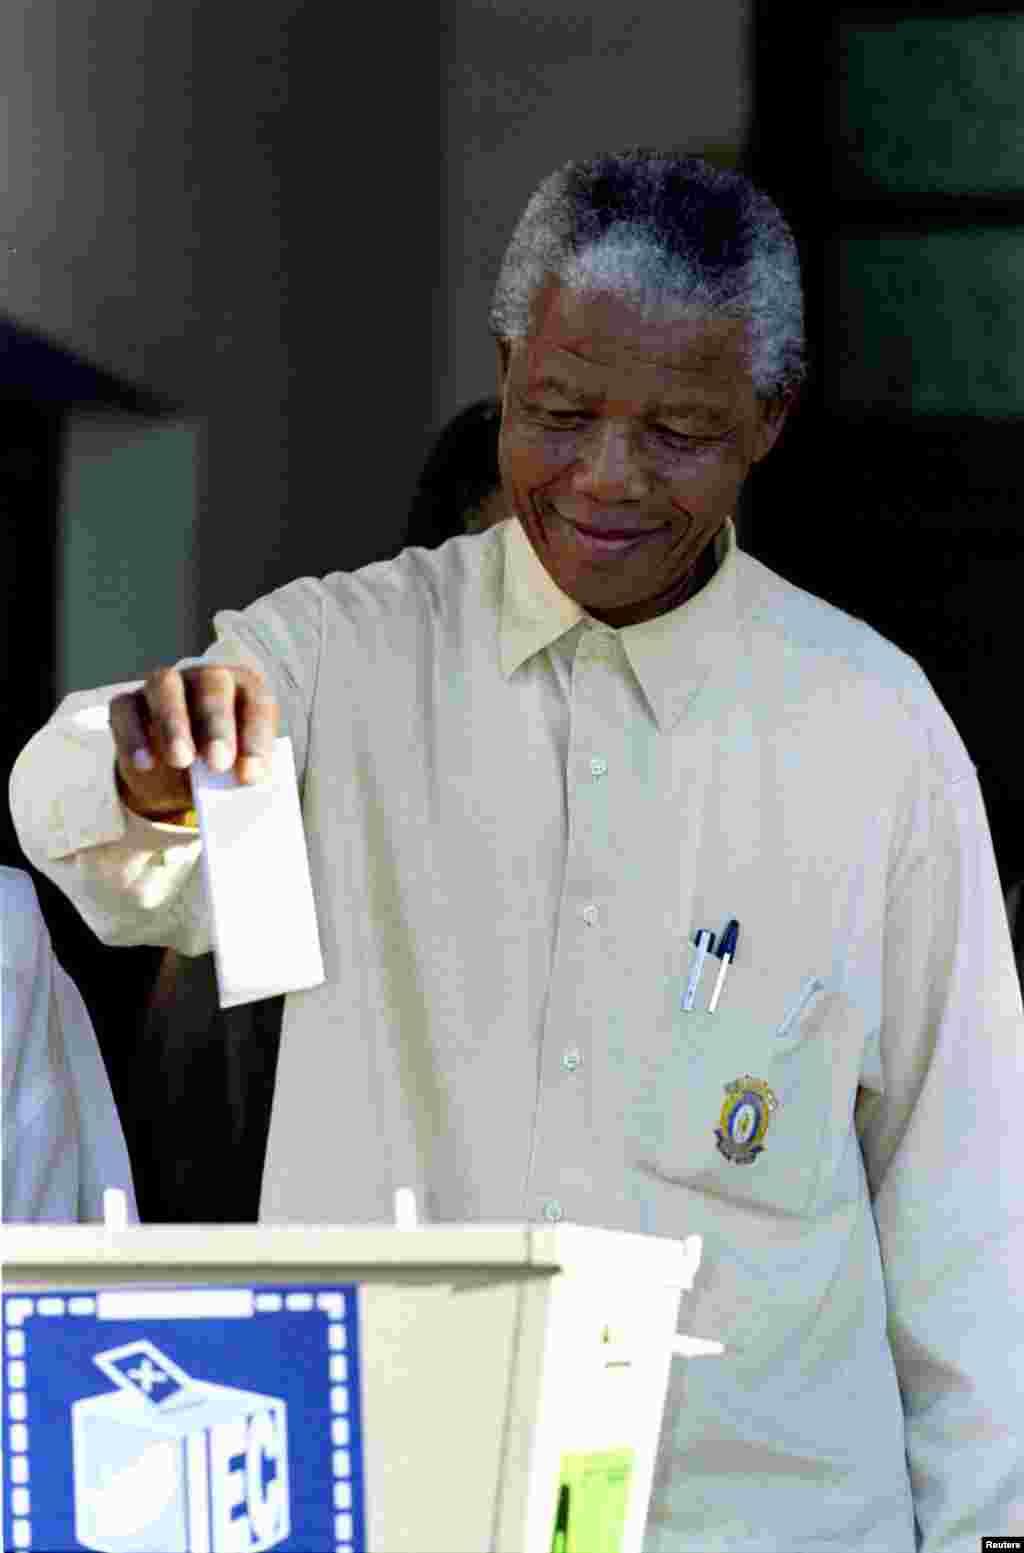 ნელსონ მანდელა სამხრეთ აფრიკის პირველ მრავალრასობრივ არჩევნებზე ხმის მიცემისას, 1994 წლის აპრილში.